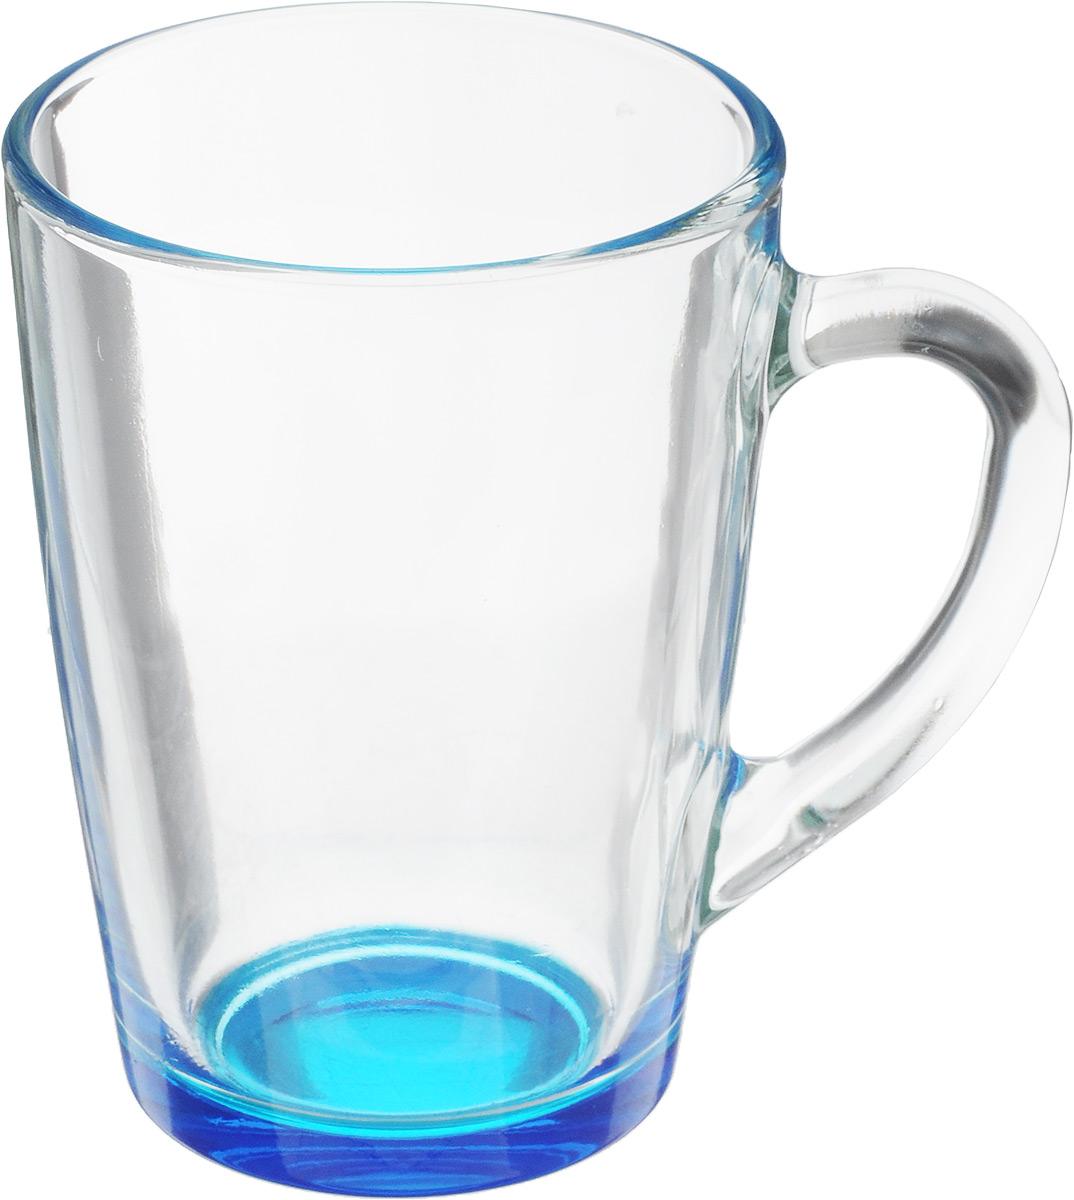 Кружка OSZ Капучино, цвет: прозрачный, синий, 300 мл. 07C1334LM_прозрачный, синий115510Кружка OSZ Капучино изготовлена из стекла двух цветов. Изделие идеально подходит для сервировки стола.Кружка не только украсит ваш кухонный стол, но подчеркнет прекрасный вкус хозяйки. Диаметр кружки (по верхнему краю): 8 см. Высота кружки: 11 см. Объем кружки: 300 мл.